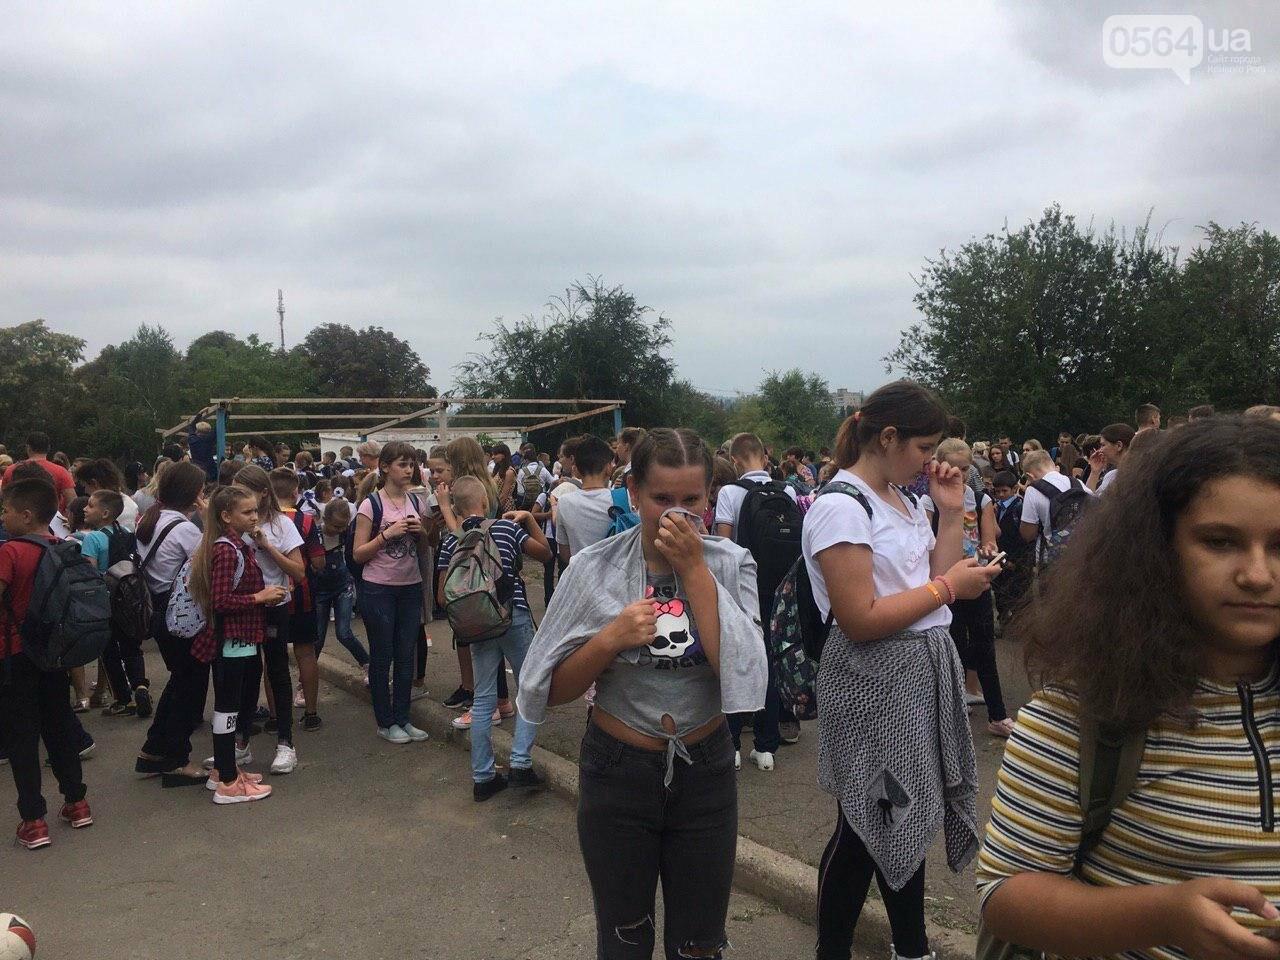 В одной из школ Кривого Рога из-за распыления неизвестного вещества срочно эвакуировали детей, - ФОТО, фото-2